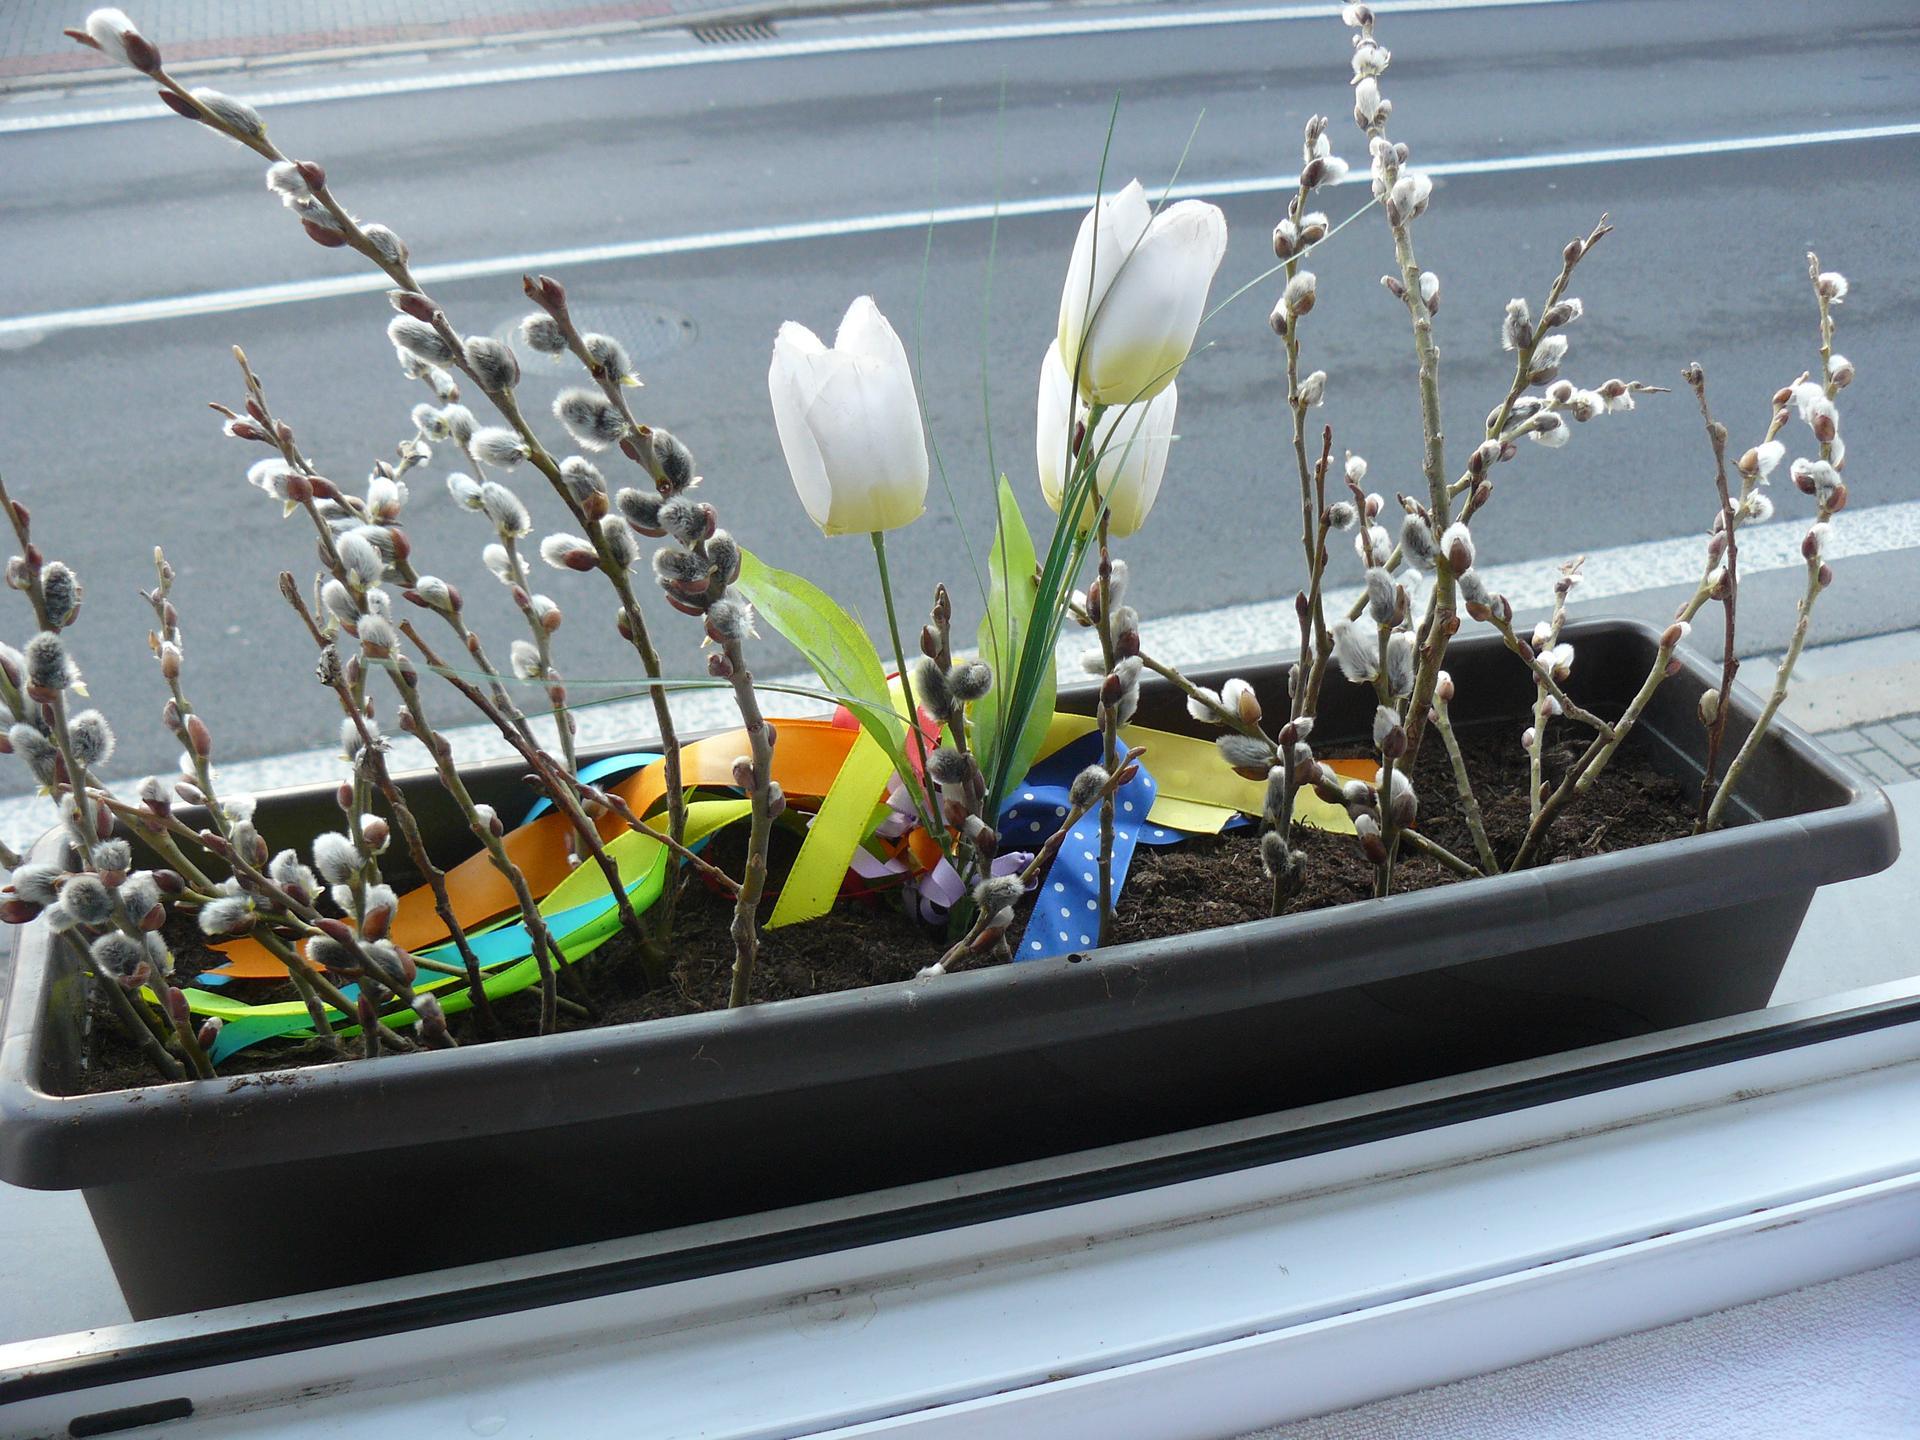 Domov 2020 - Kuchyňské okno. Trošku jaro - počasí je nevyzpytatelné, tak zatím umělá květina.